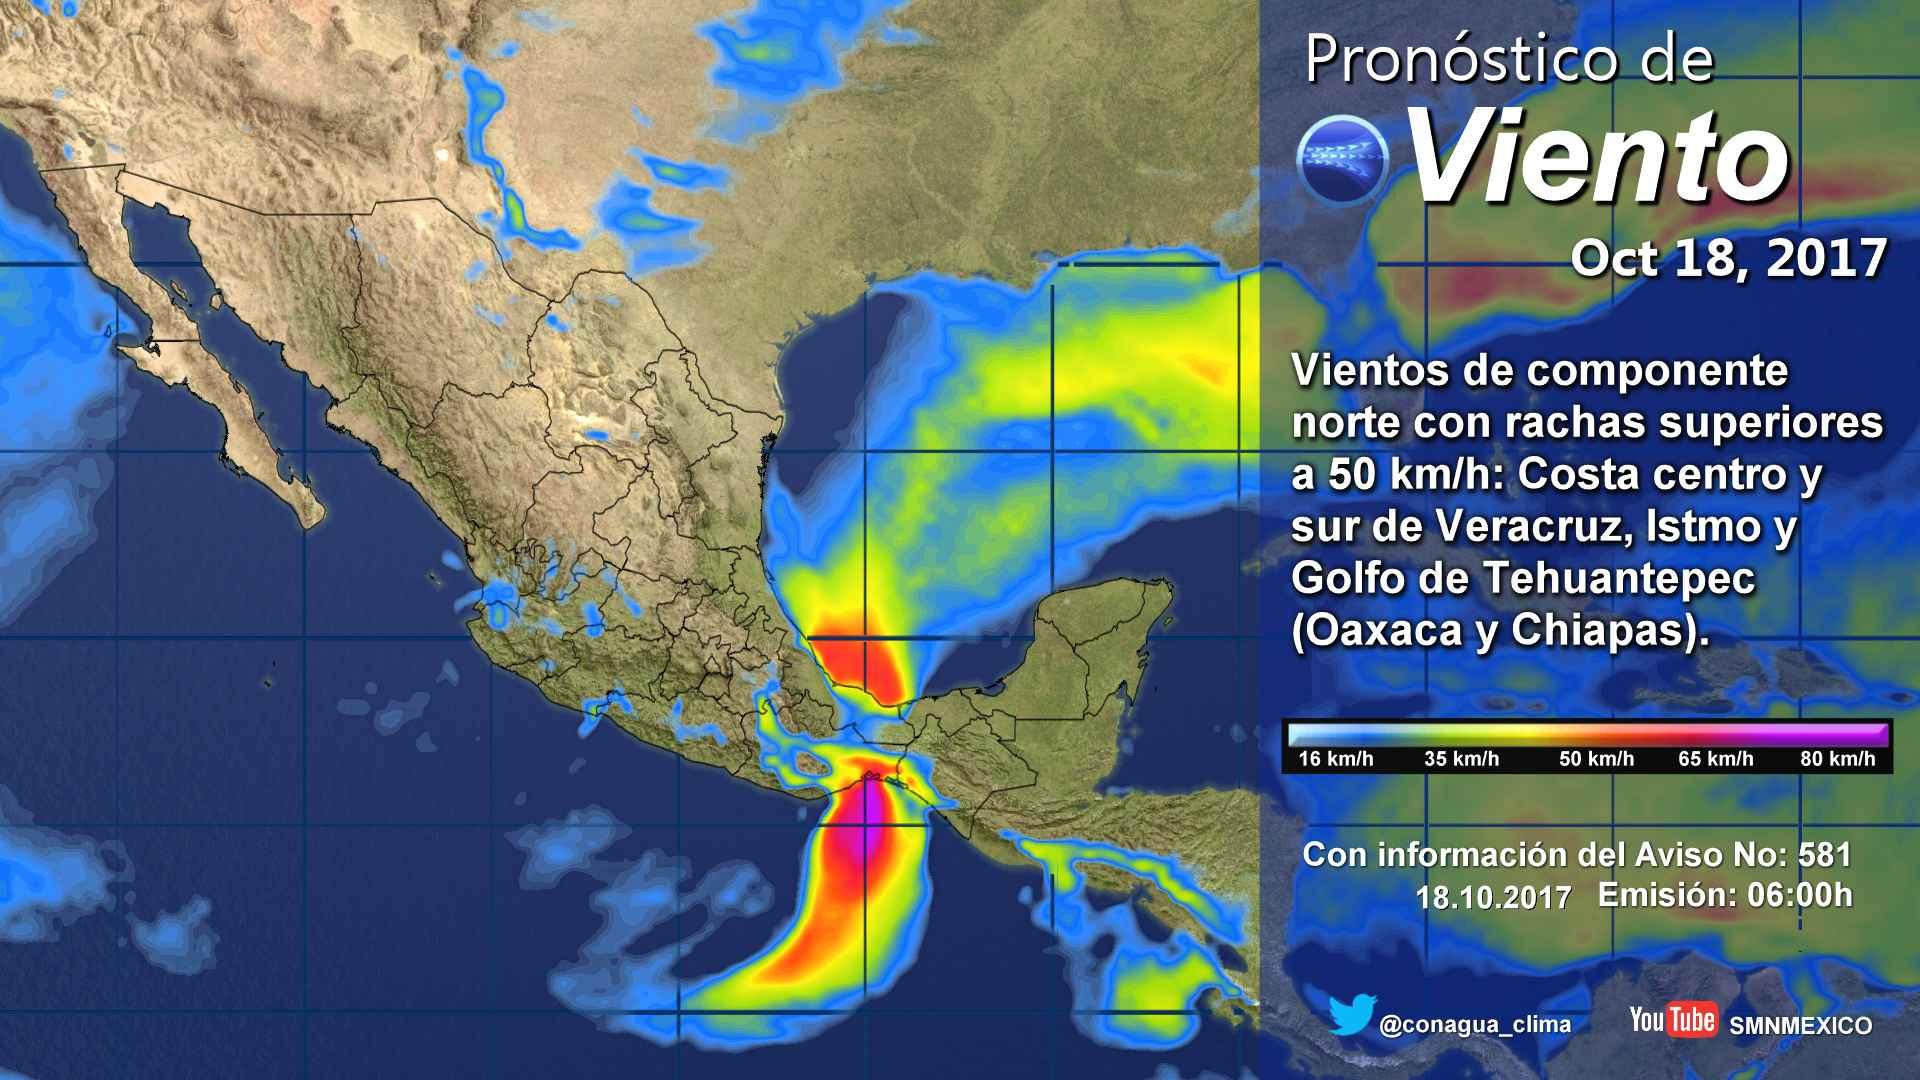 Continúa el pronóstico de lluvias dispersas para Tlaxcala